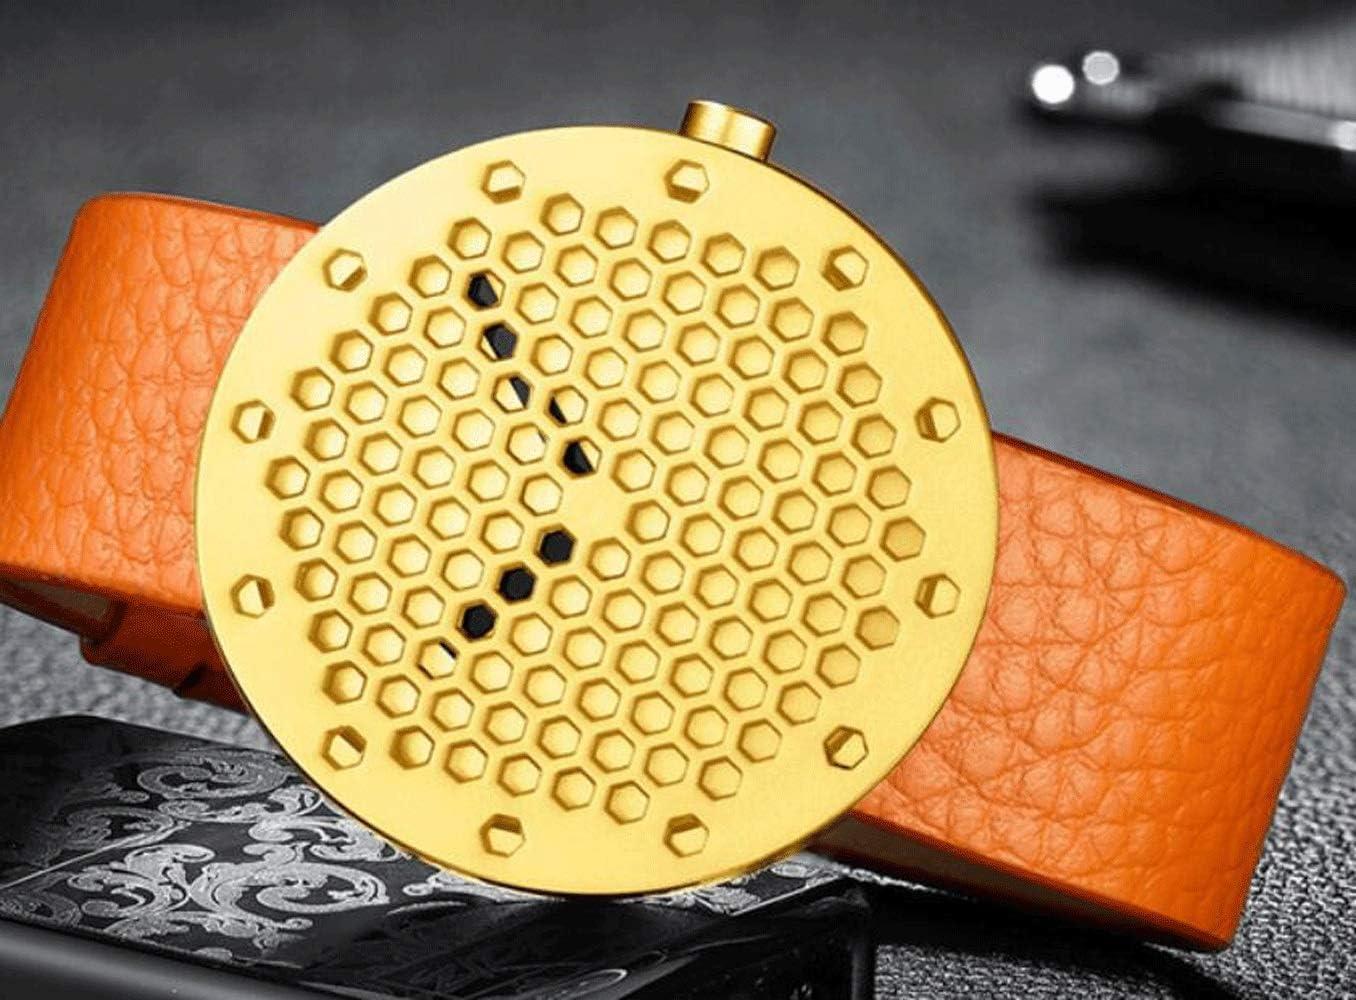 YANGFH Montre for Homme Automatique en Acier Inoxydable étanche à l'eau de Sport de Loisirs de Plein air Une variété de Couleurs Montre Intelligente (Color : D) A